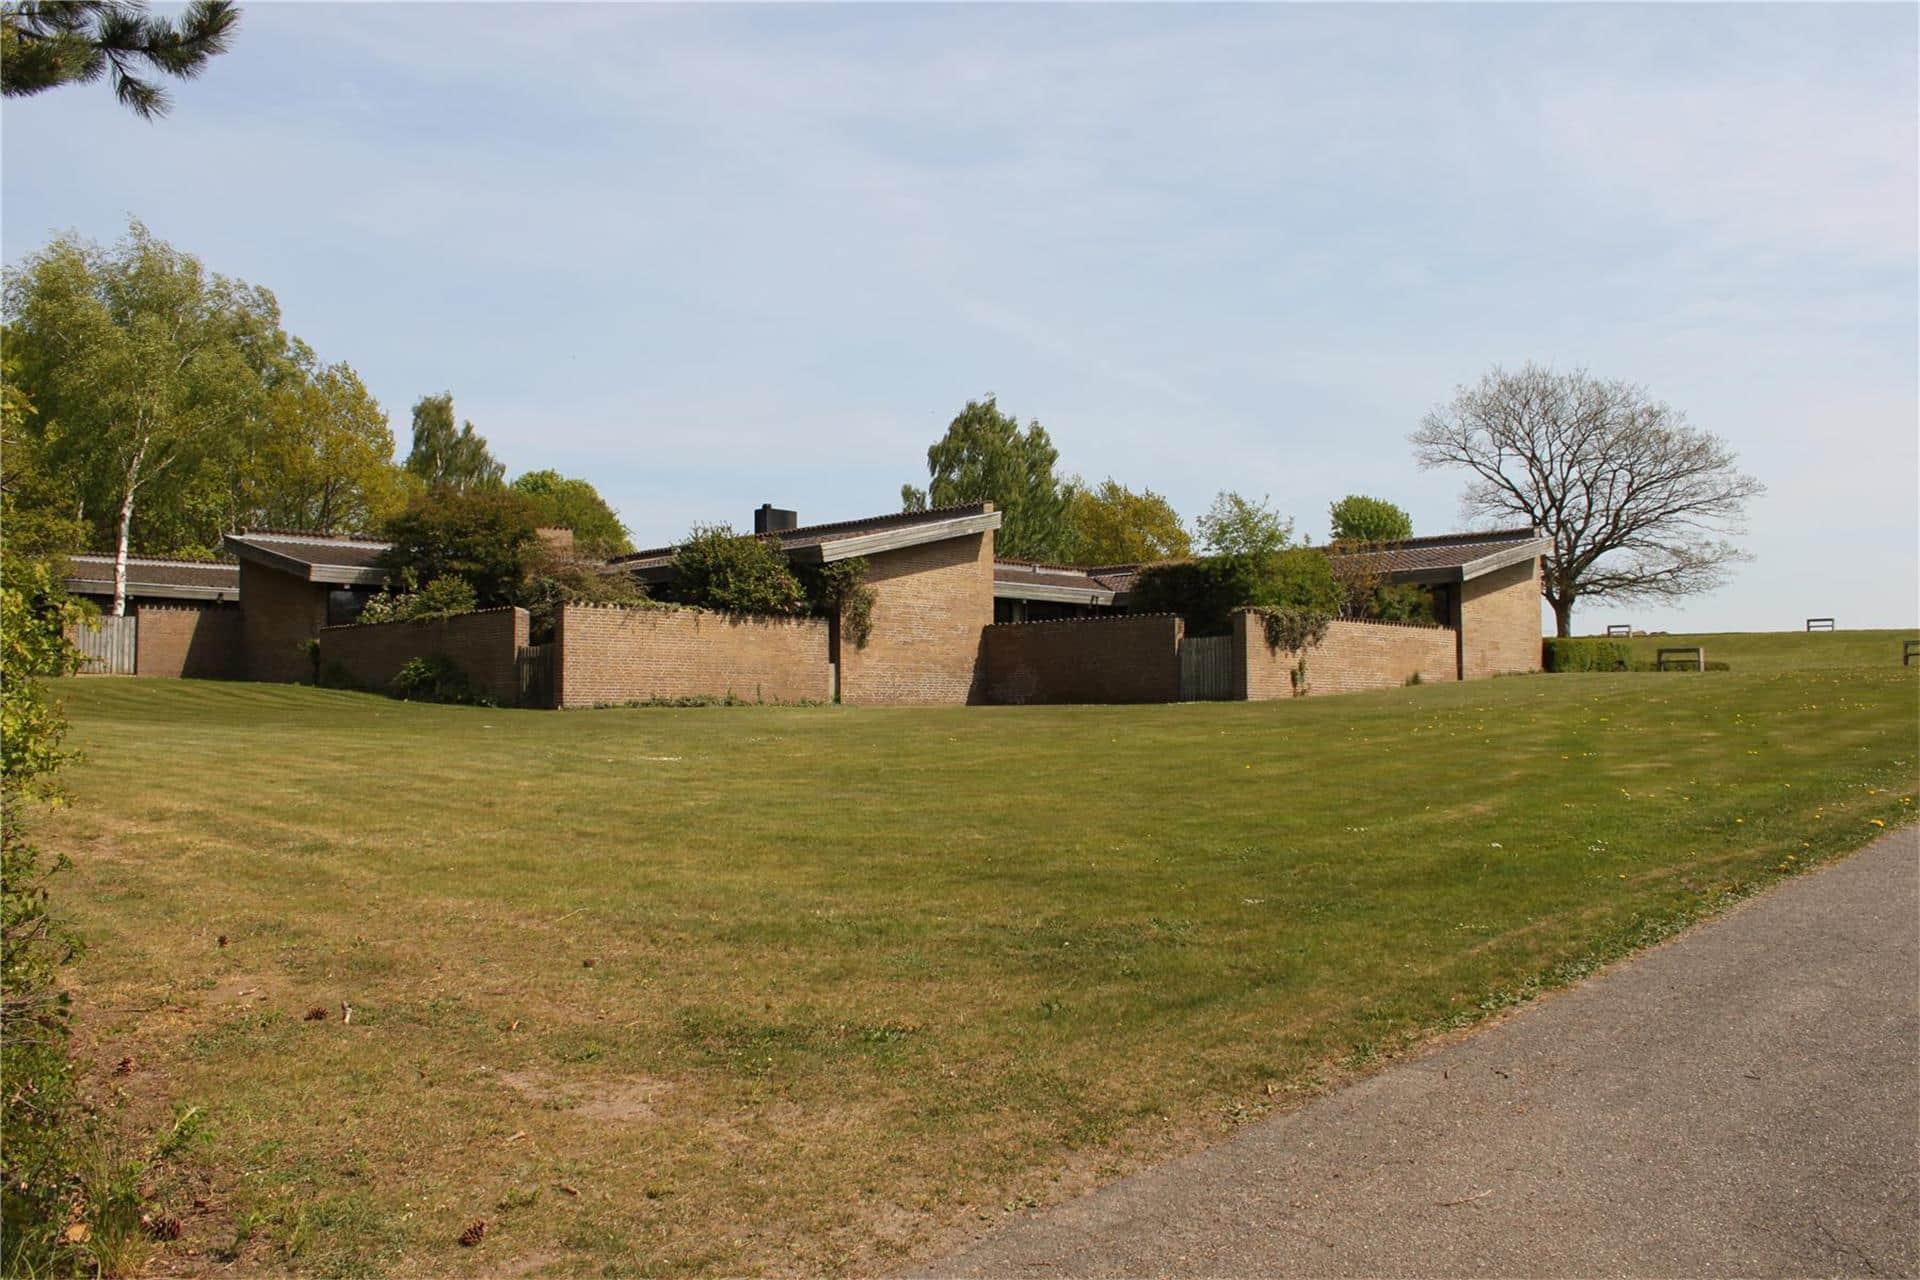 Billede 1-3 Sommerhus M642612, Abelonelundvej 40, DK - 5500 Middelfart